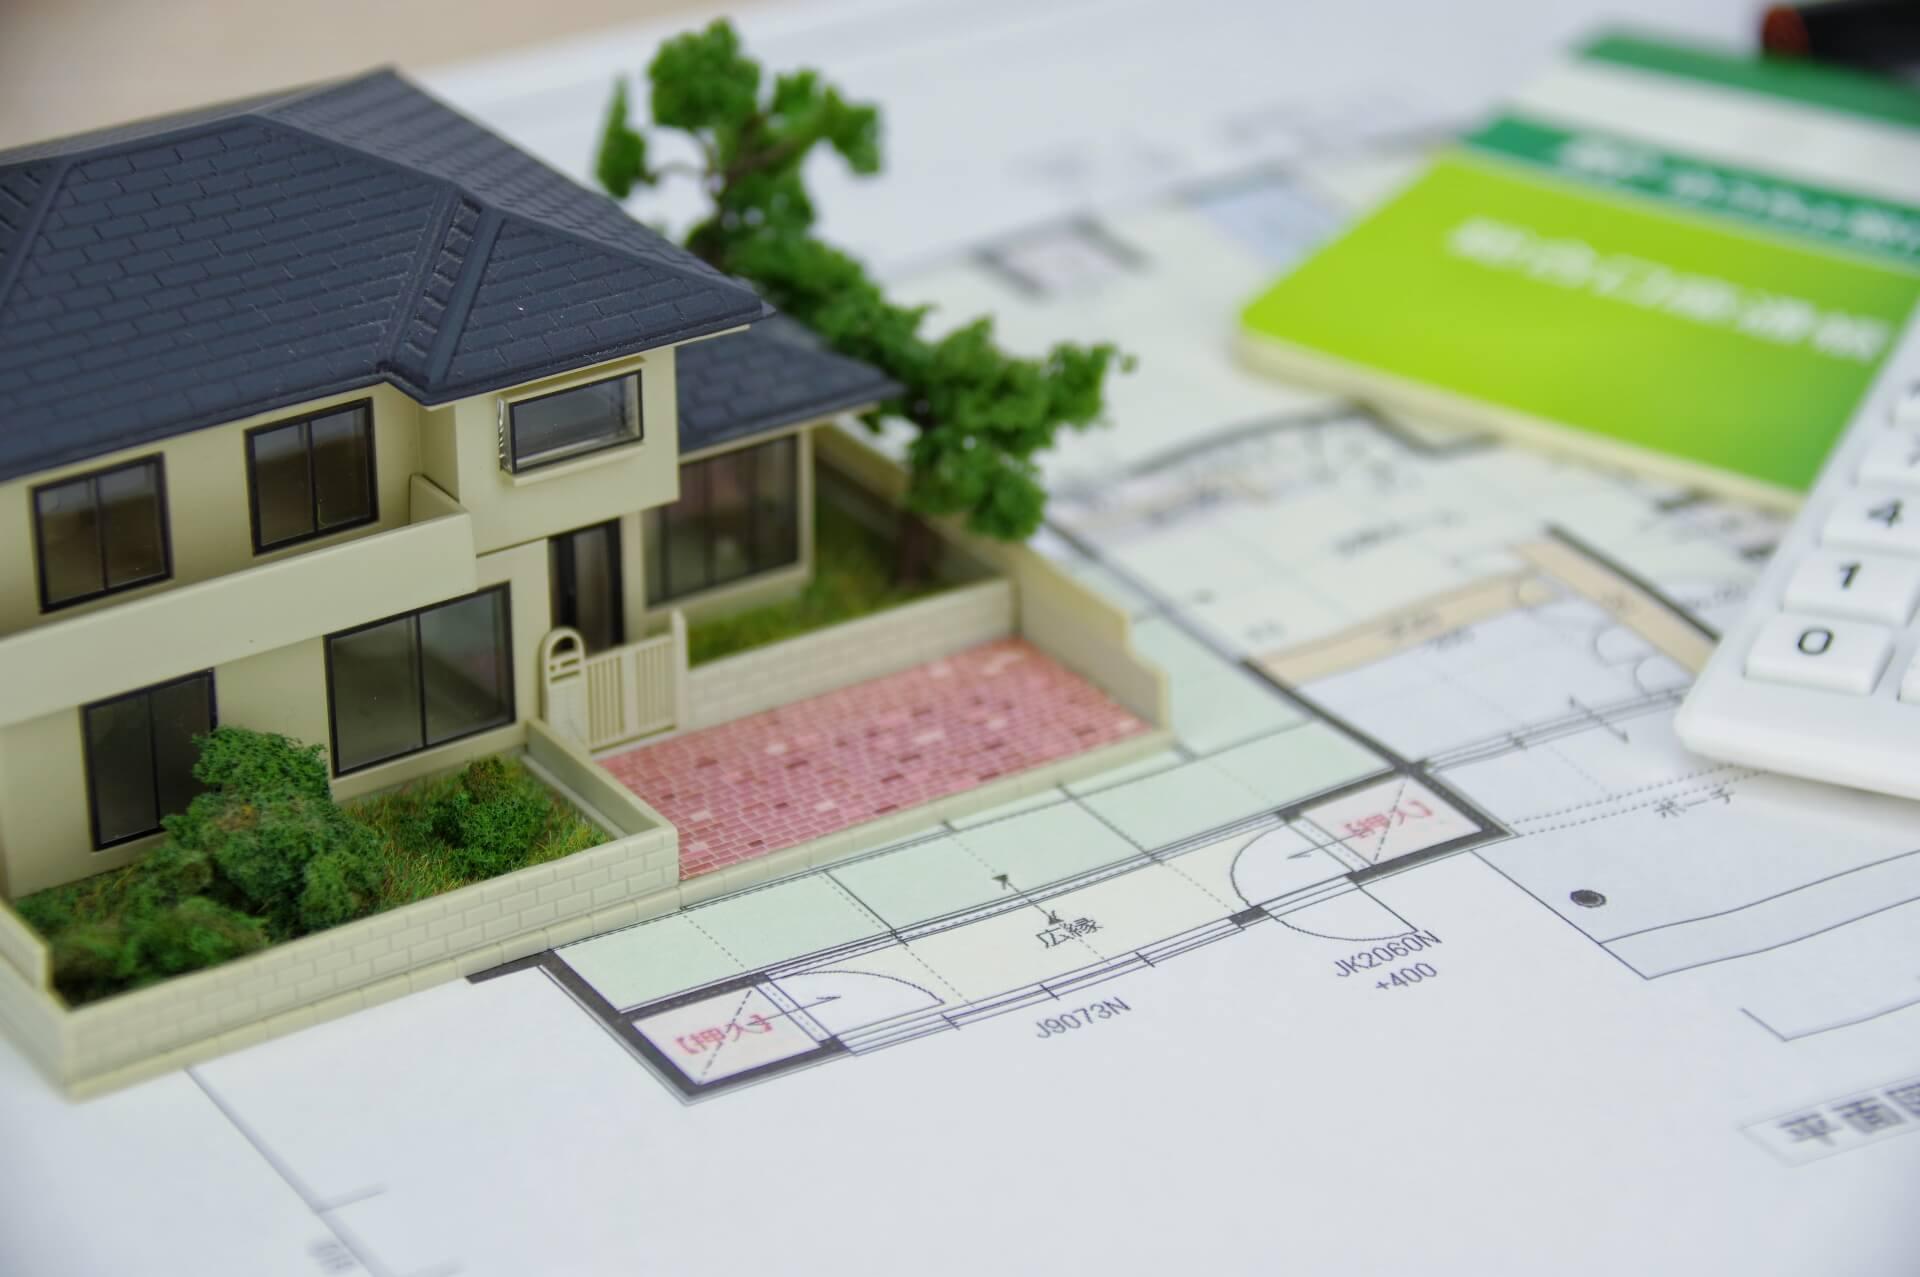 【結論】何十年先も心地よく住める家をイメージしてから決める!